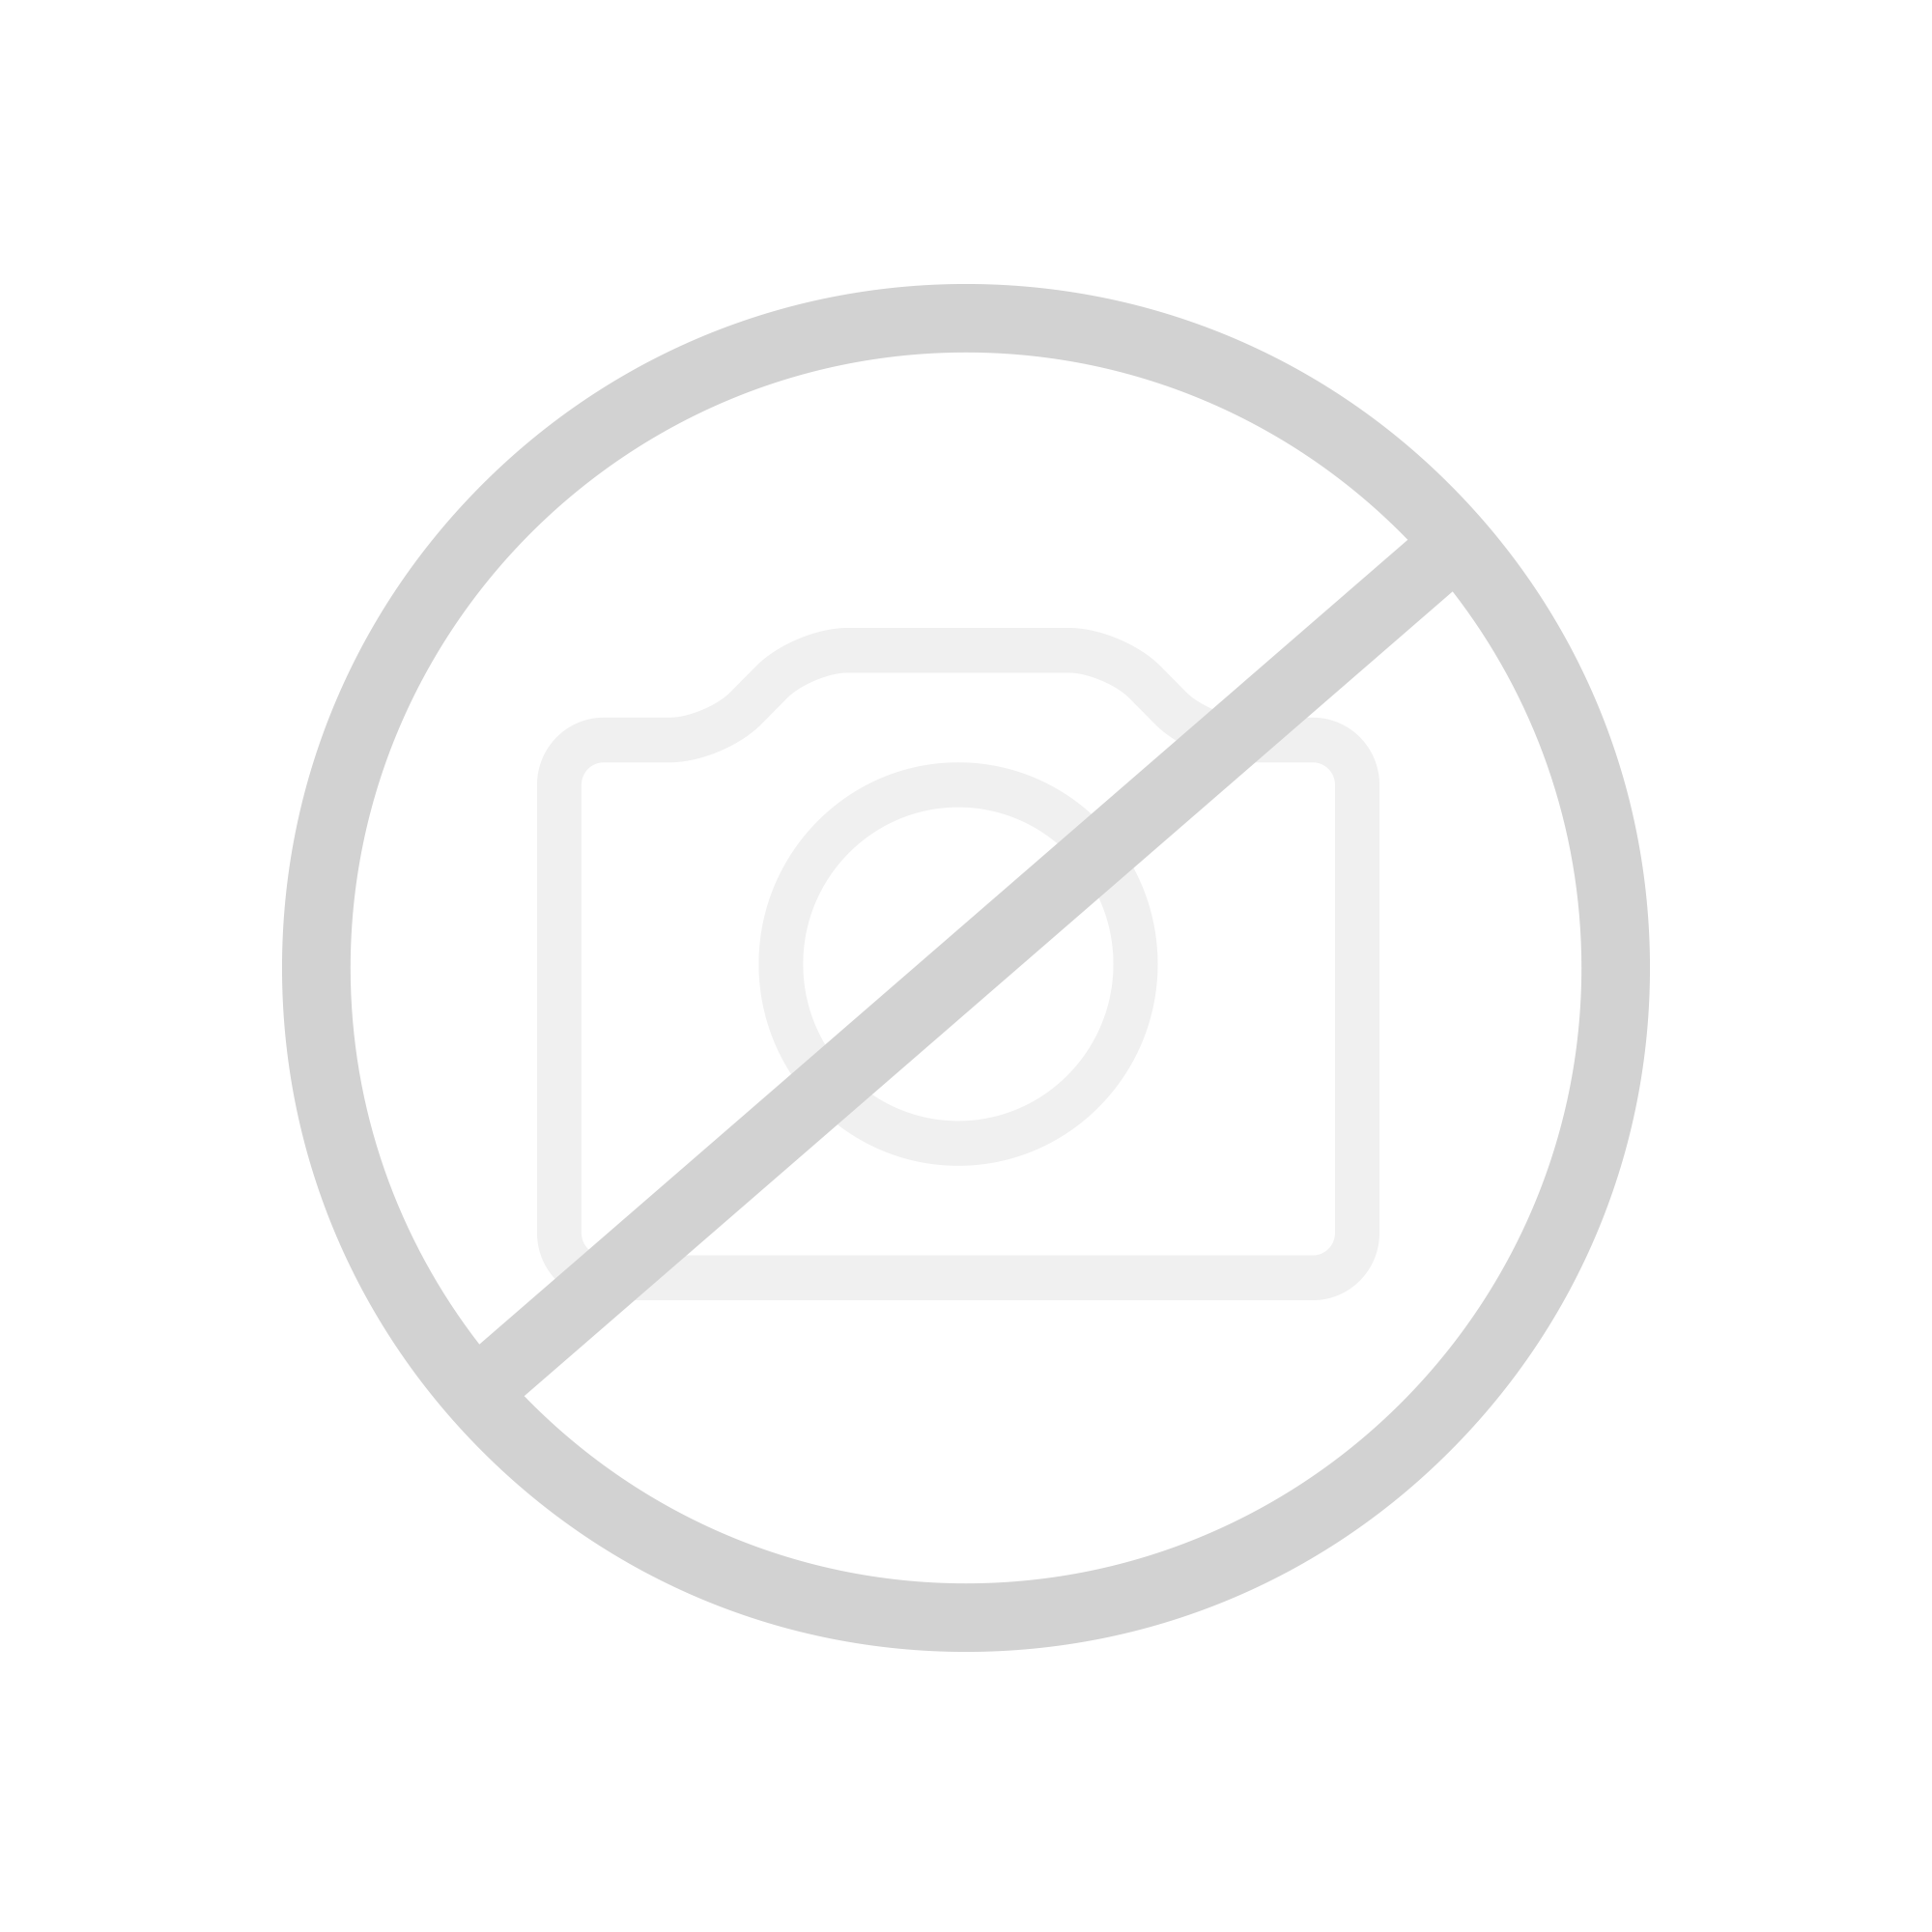 Hansa Viva Kopfbrause mit Brausearm B: 250 T: 250 mm